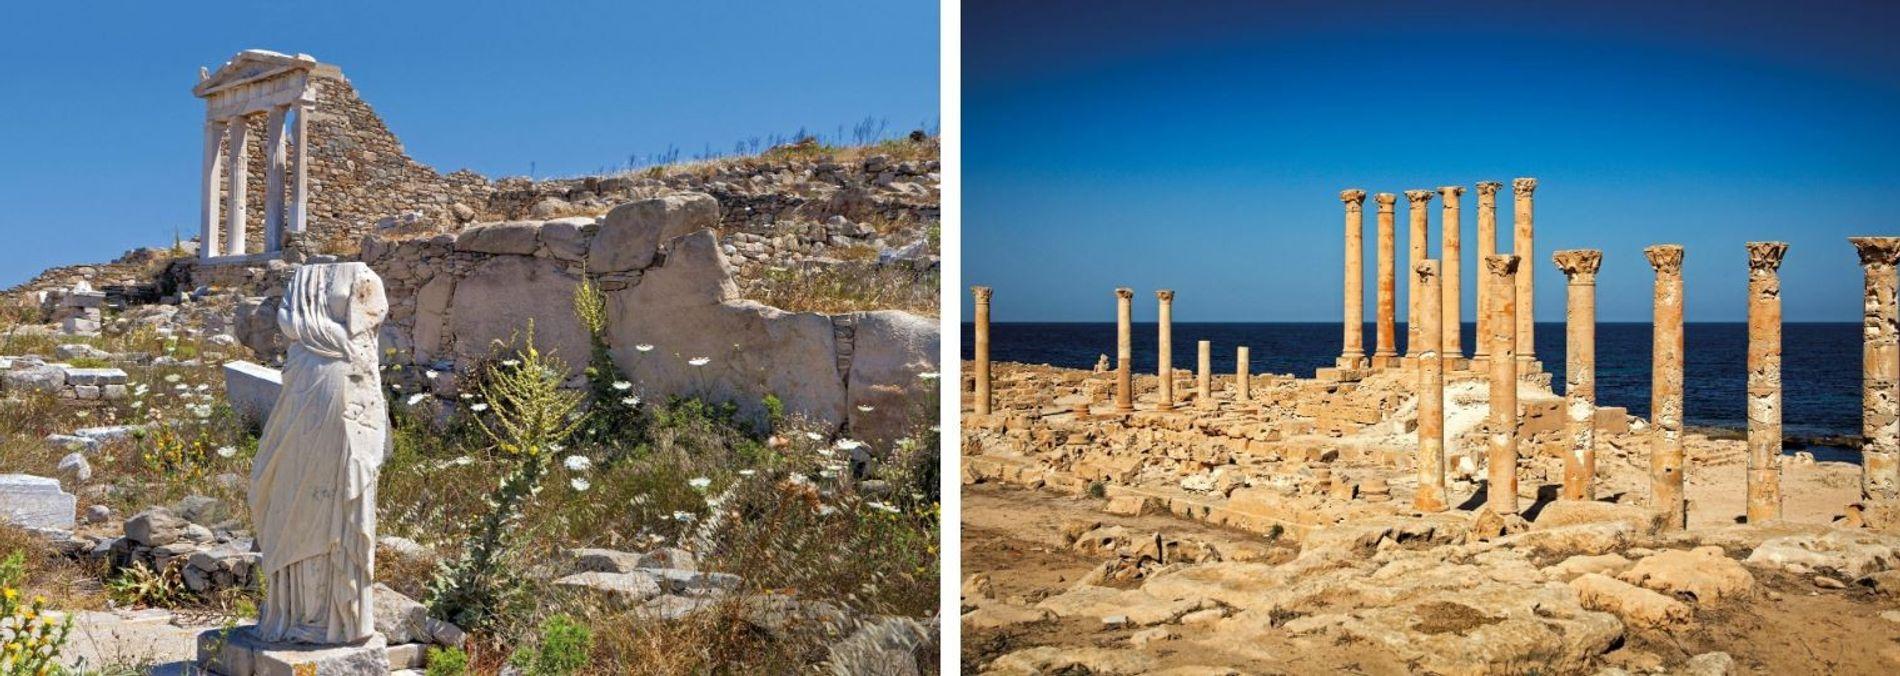 Avec la diffusion du culte d'Isis, de nouveaux temples lui étaient dédiés à travers le bassin ...